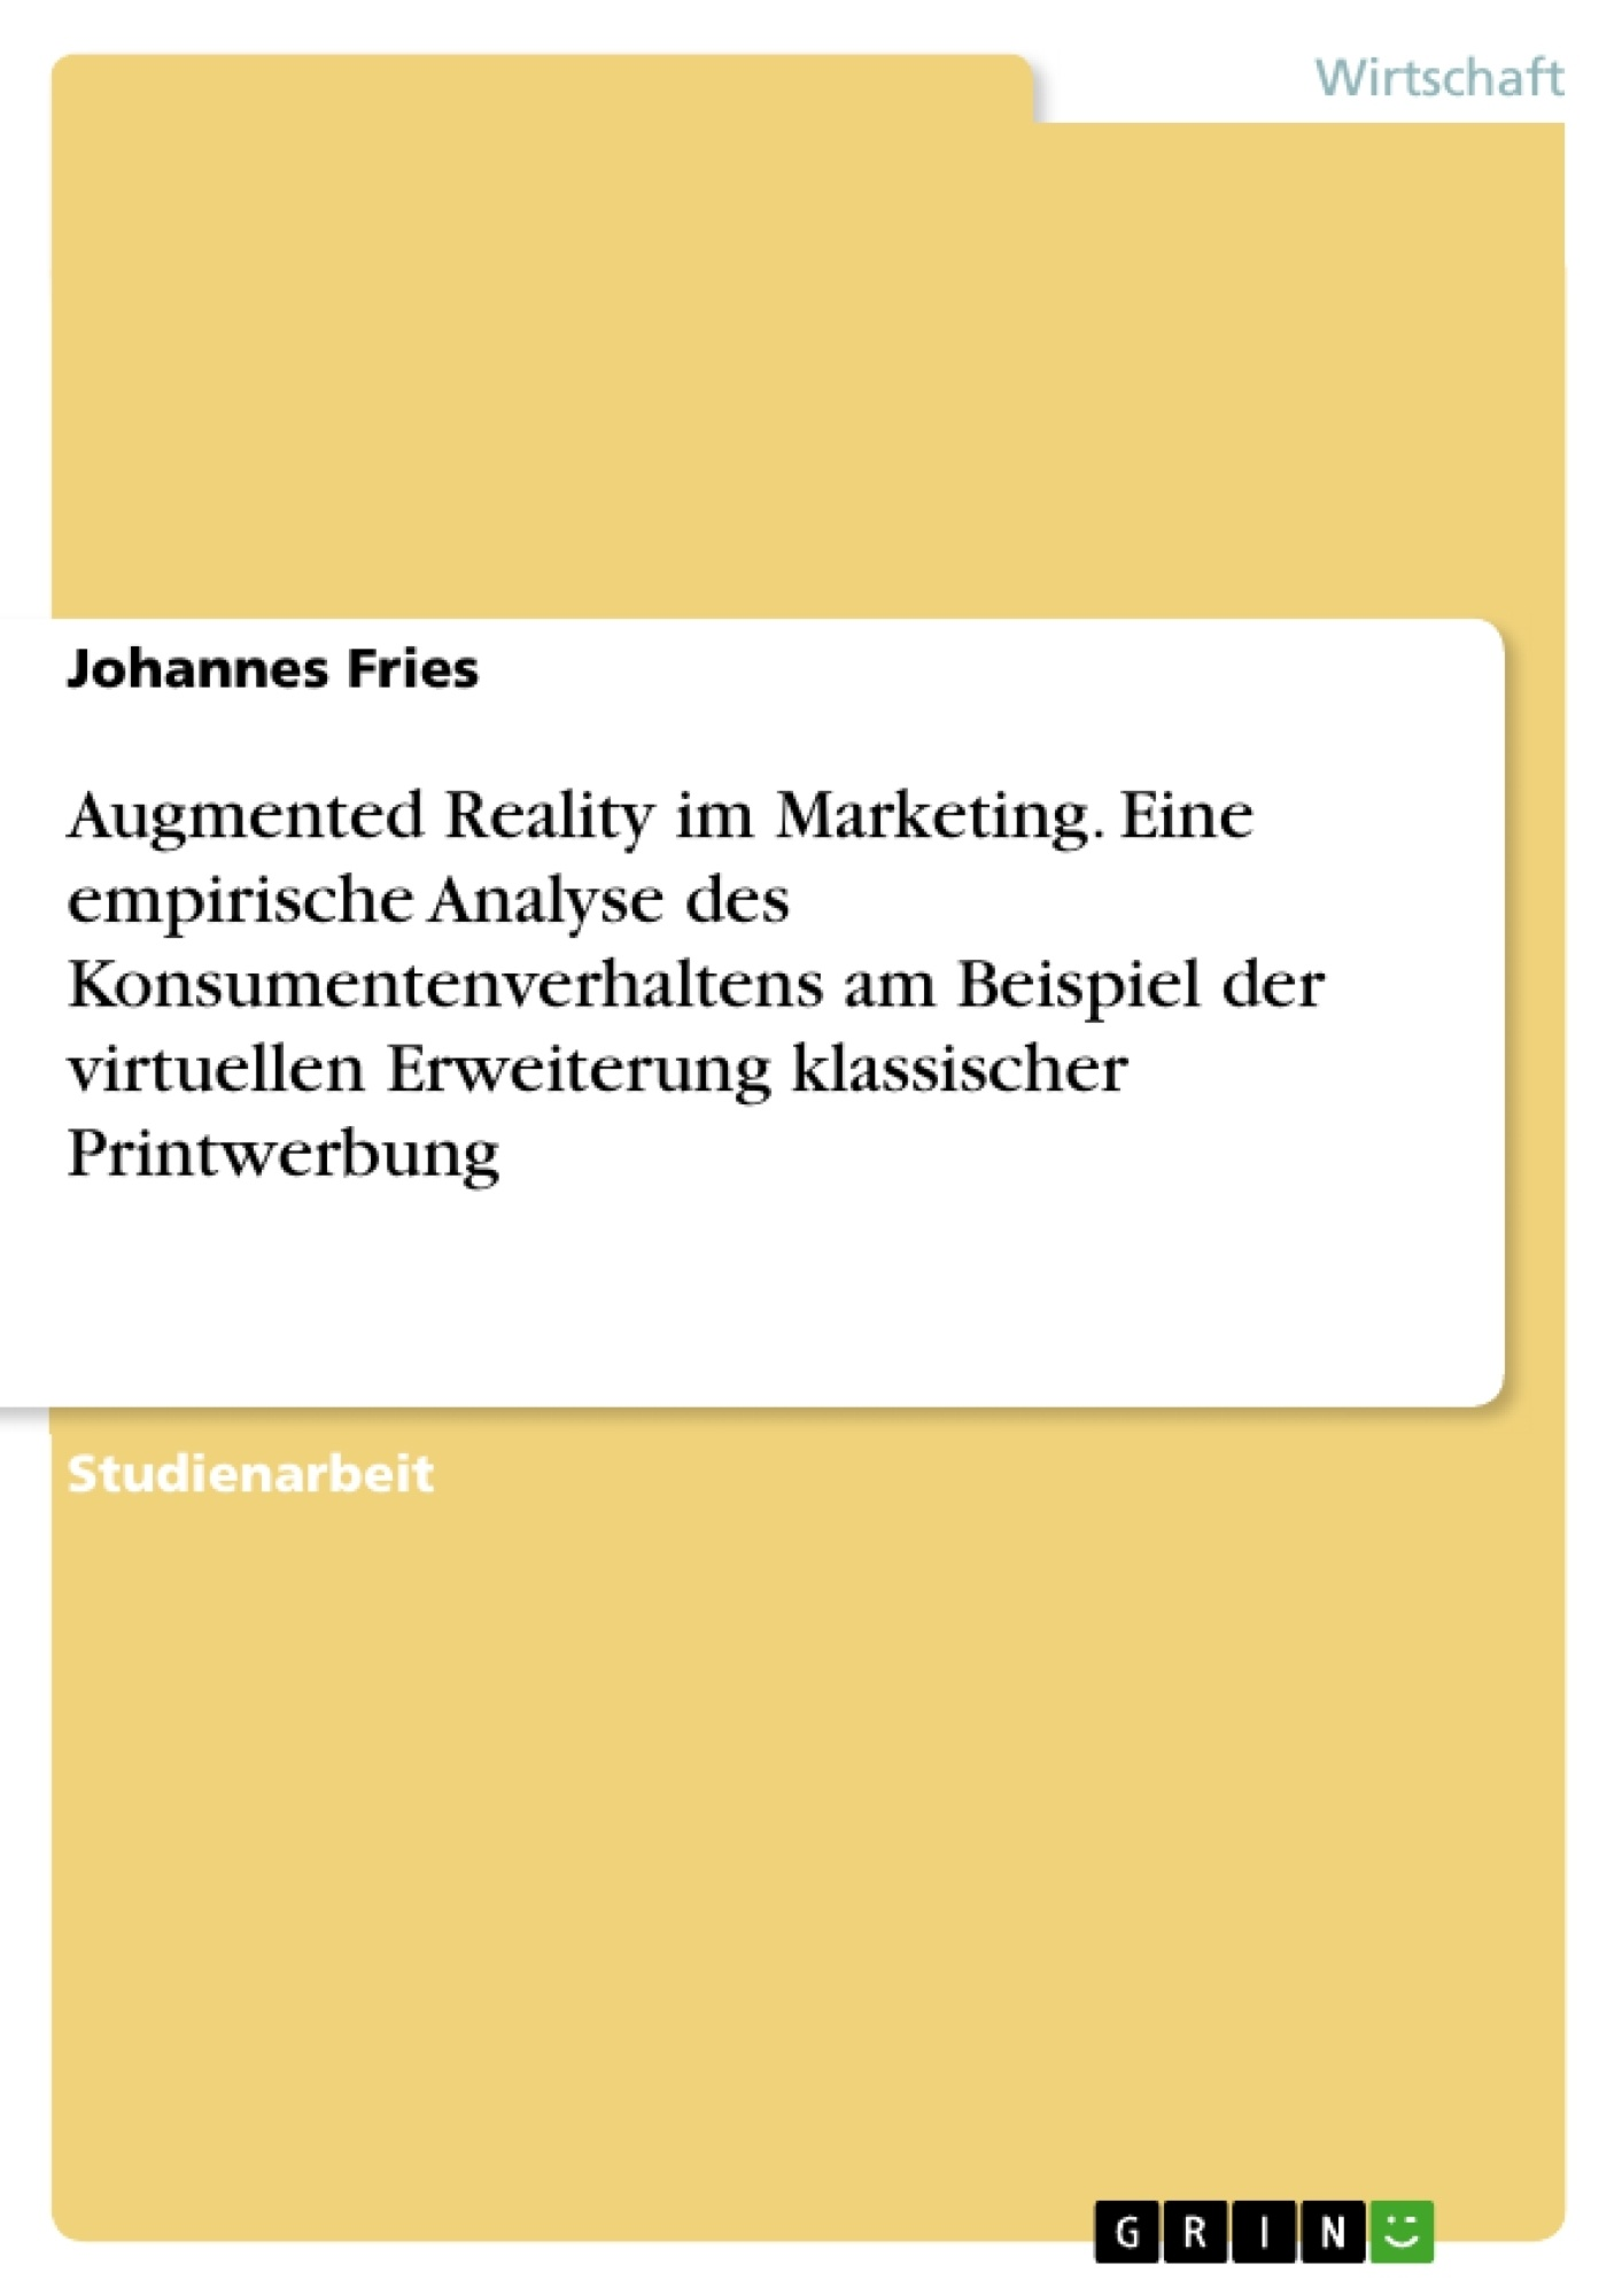 Titel: Augmented Reality im Marketing. Eine empirische Analyse des Konsumentenverhaltens am Beispiel der virtuellen Erweiterung klassischer Printwerbung